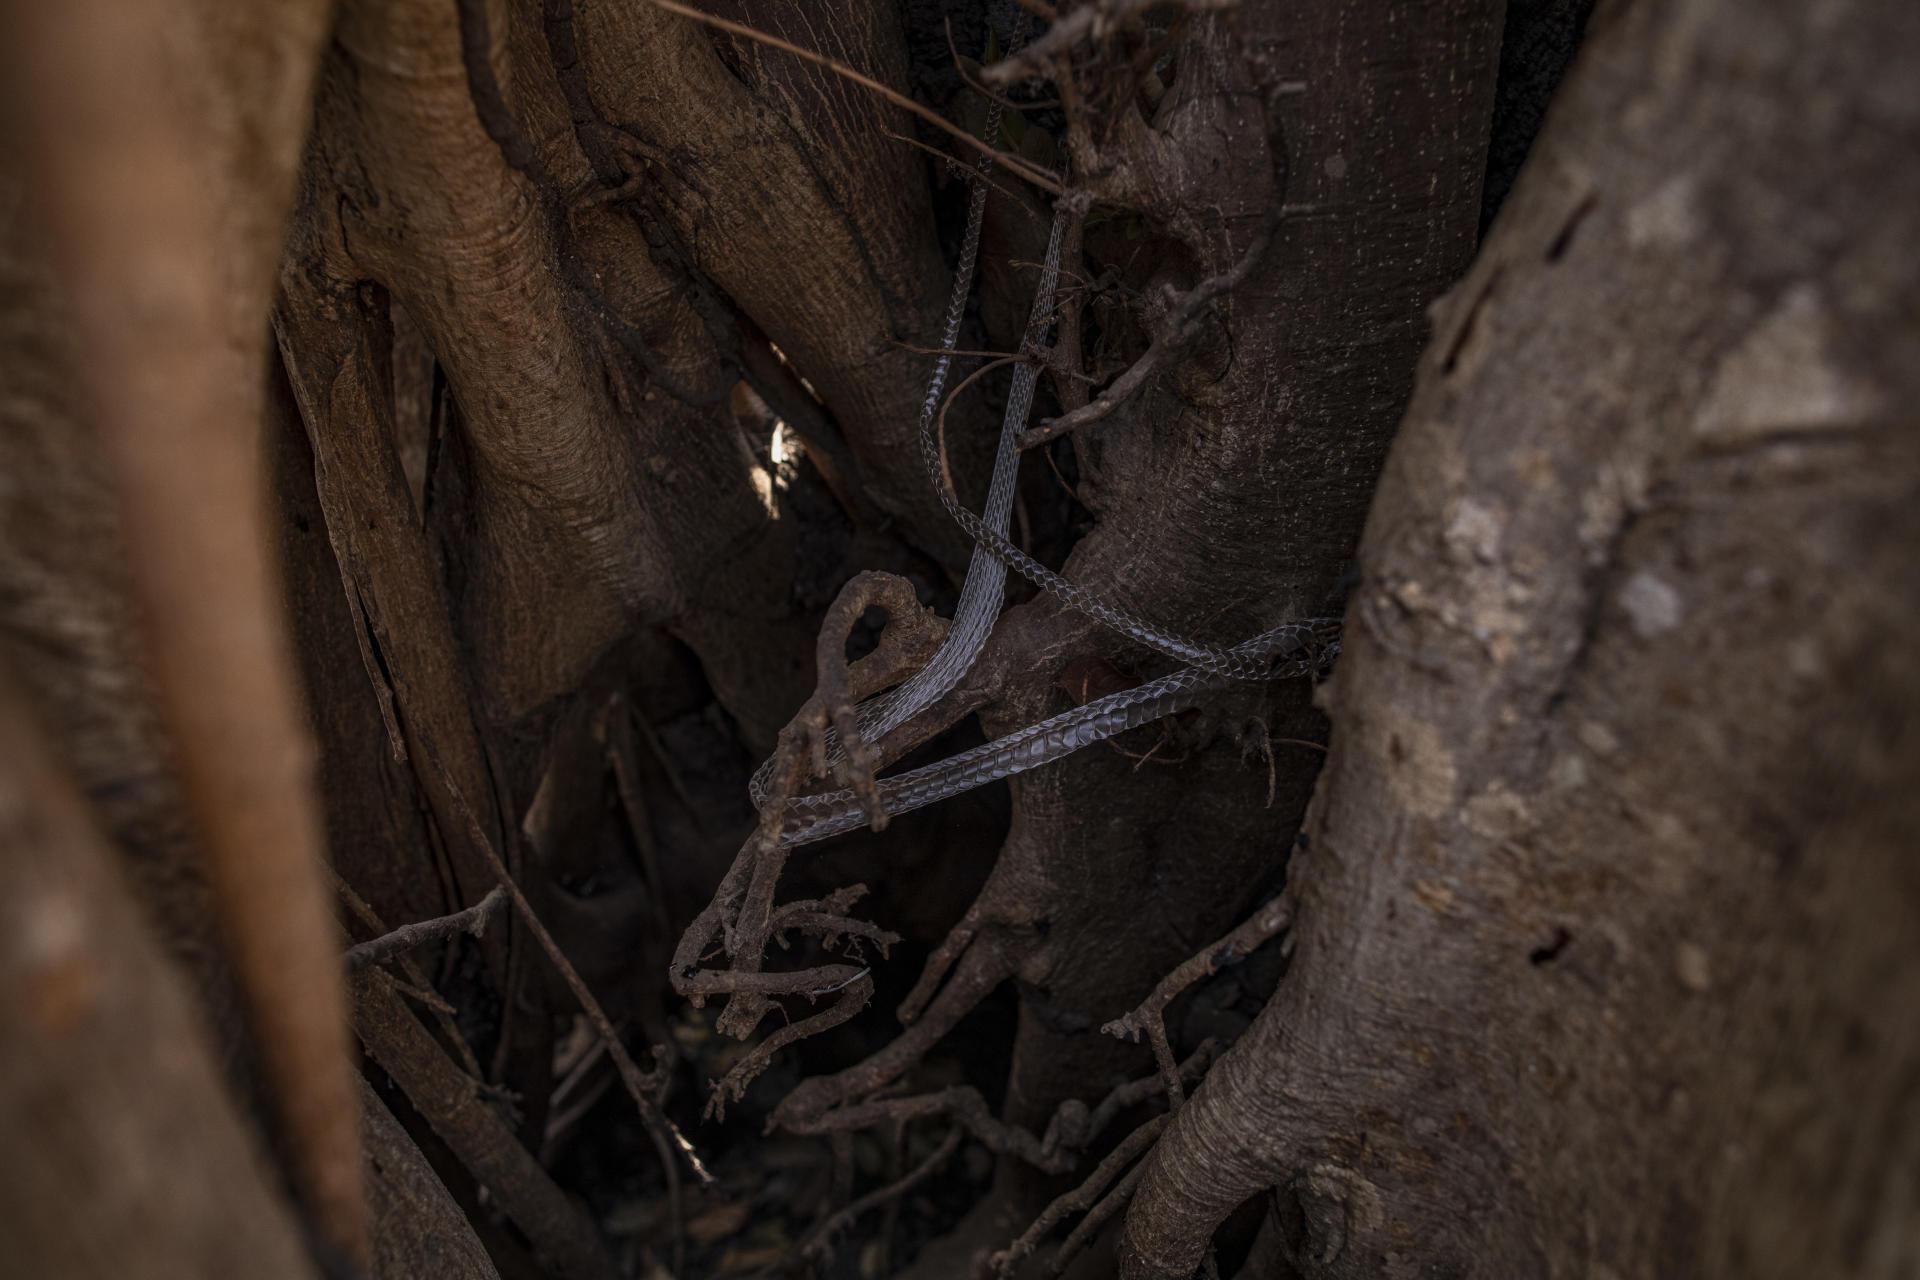 O esqueleto de uma cobra em uma árvore carbonizada ao longo da Transpantaneira, a estrada que corta o Pantanal, no estado de Mato Grosso, Brasil.